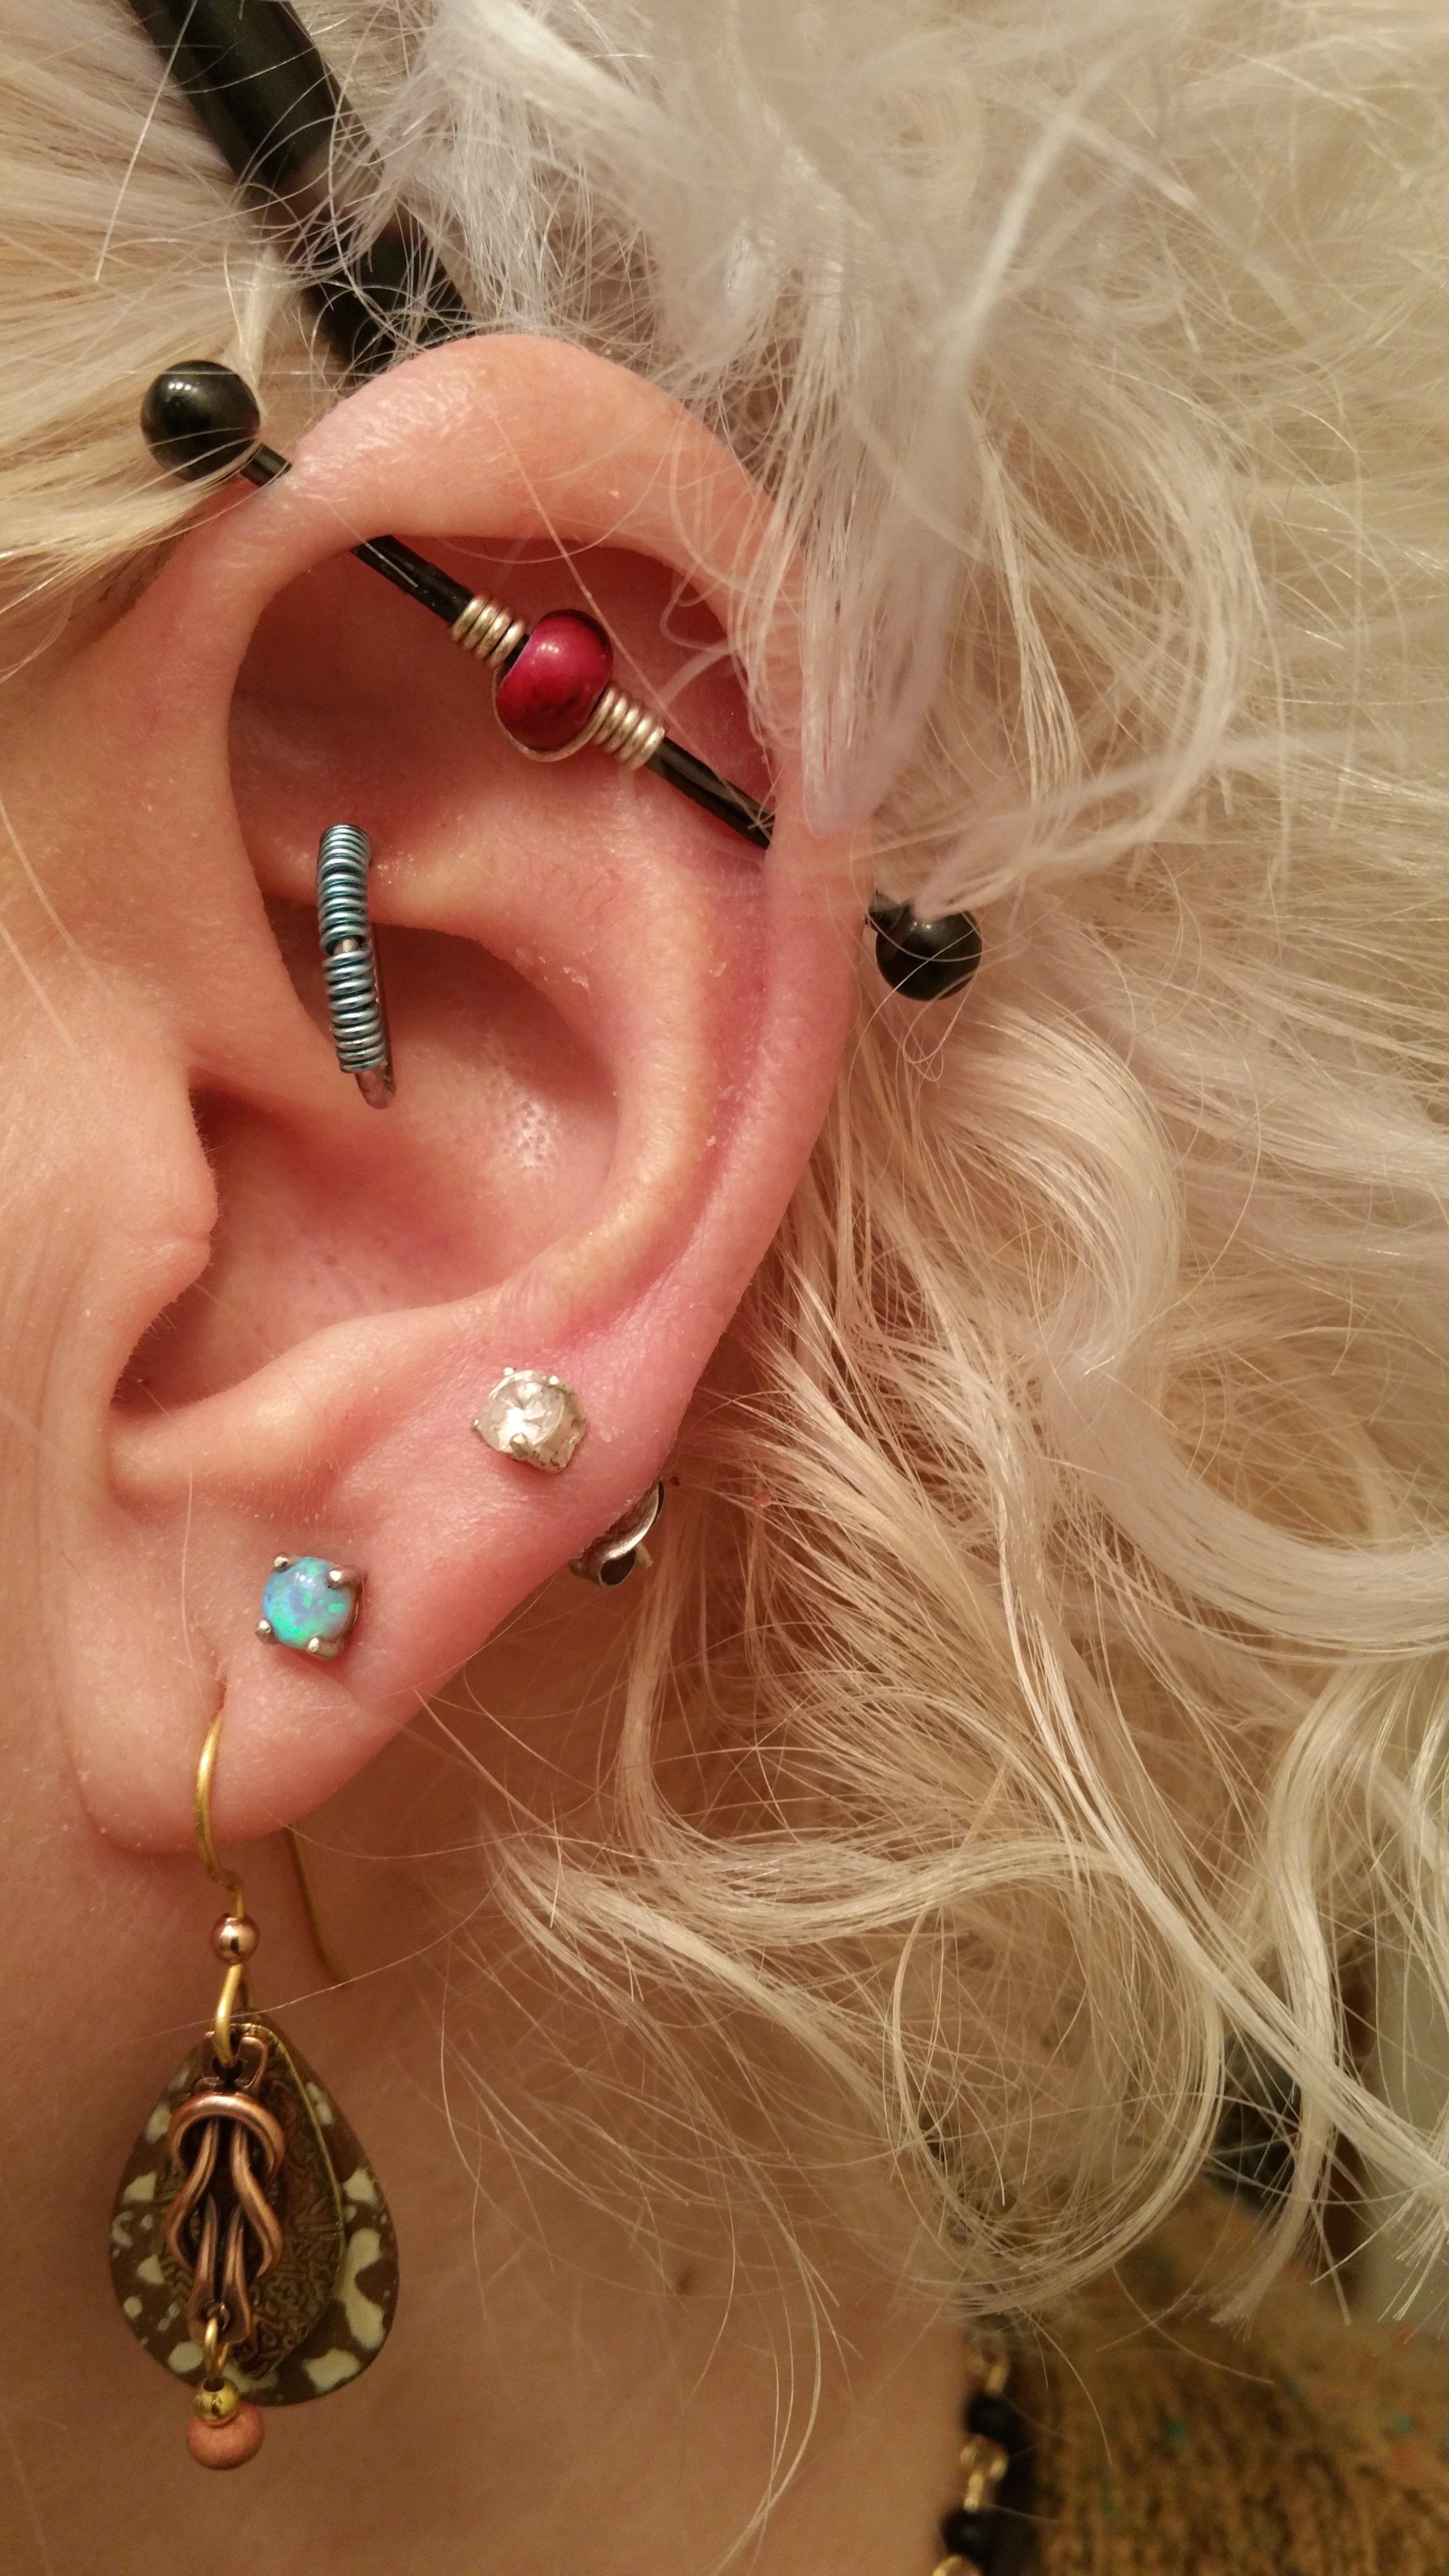 Snug piercing ideas  Pin by Robin Pross on Piercings u Tattoous  Pinterest  Piercings